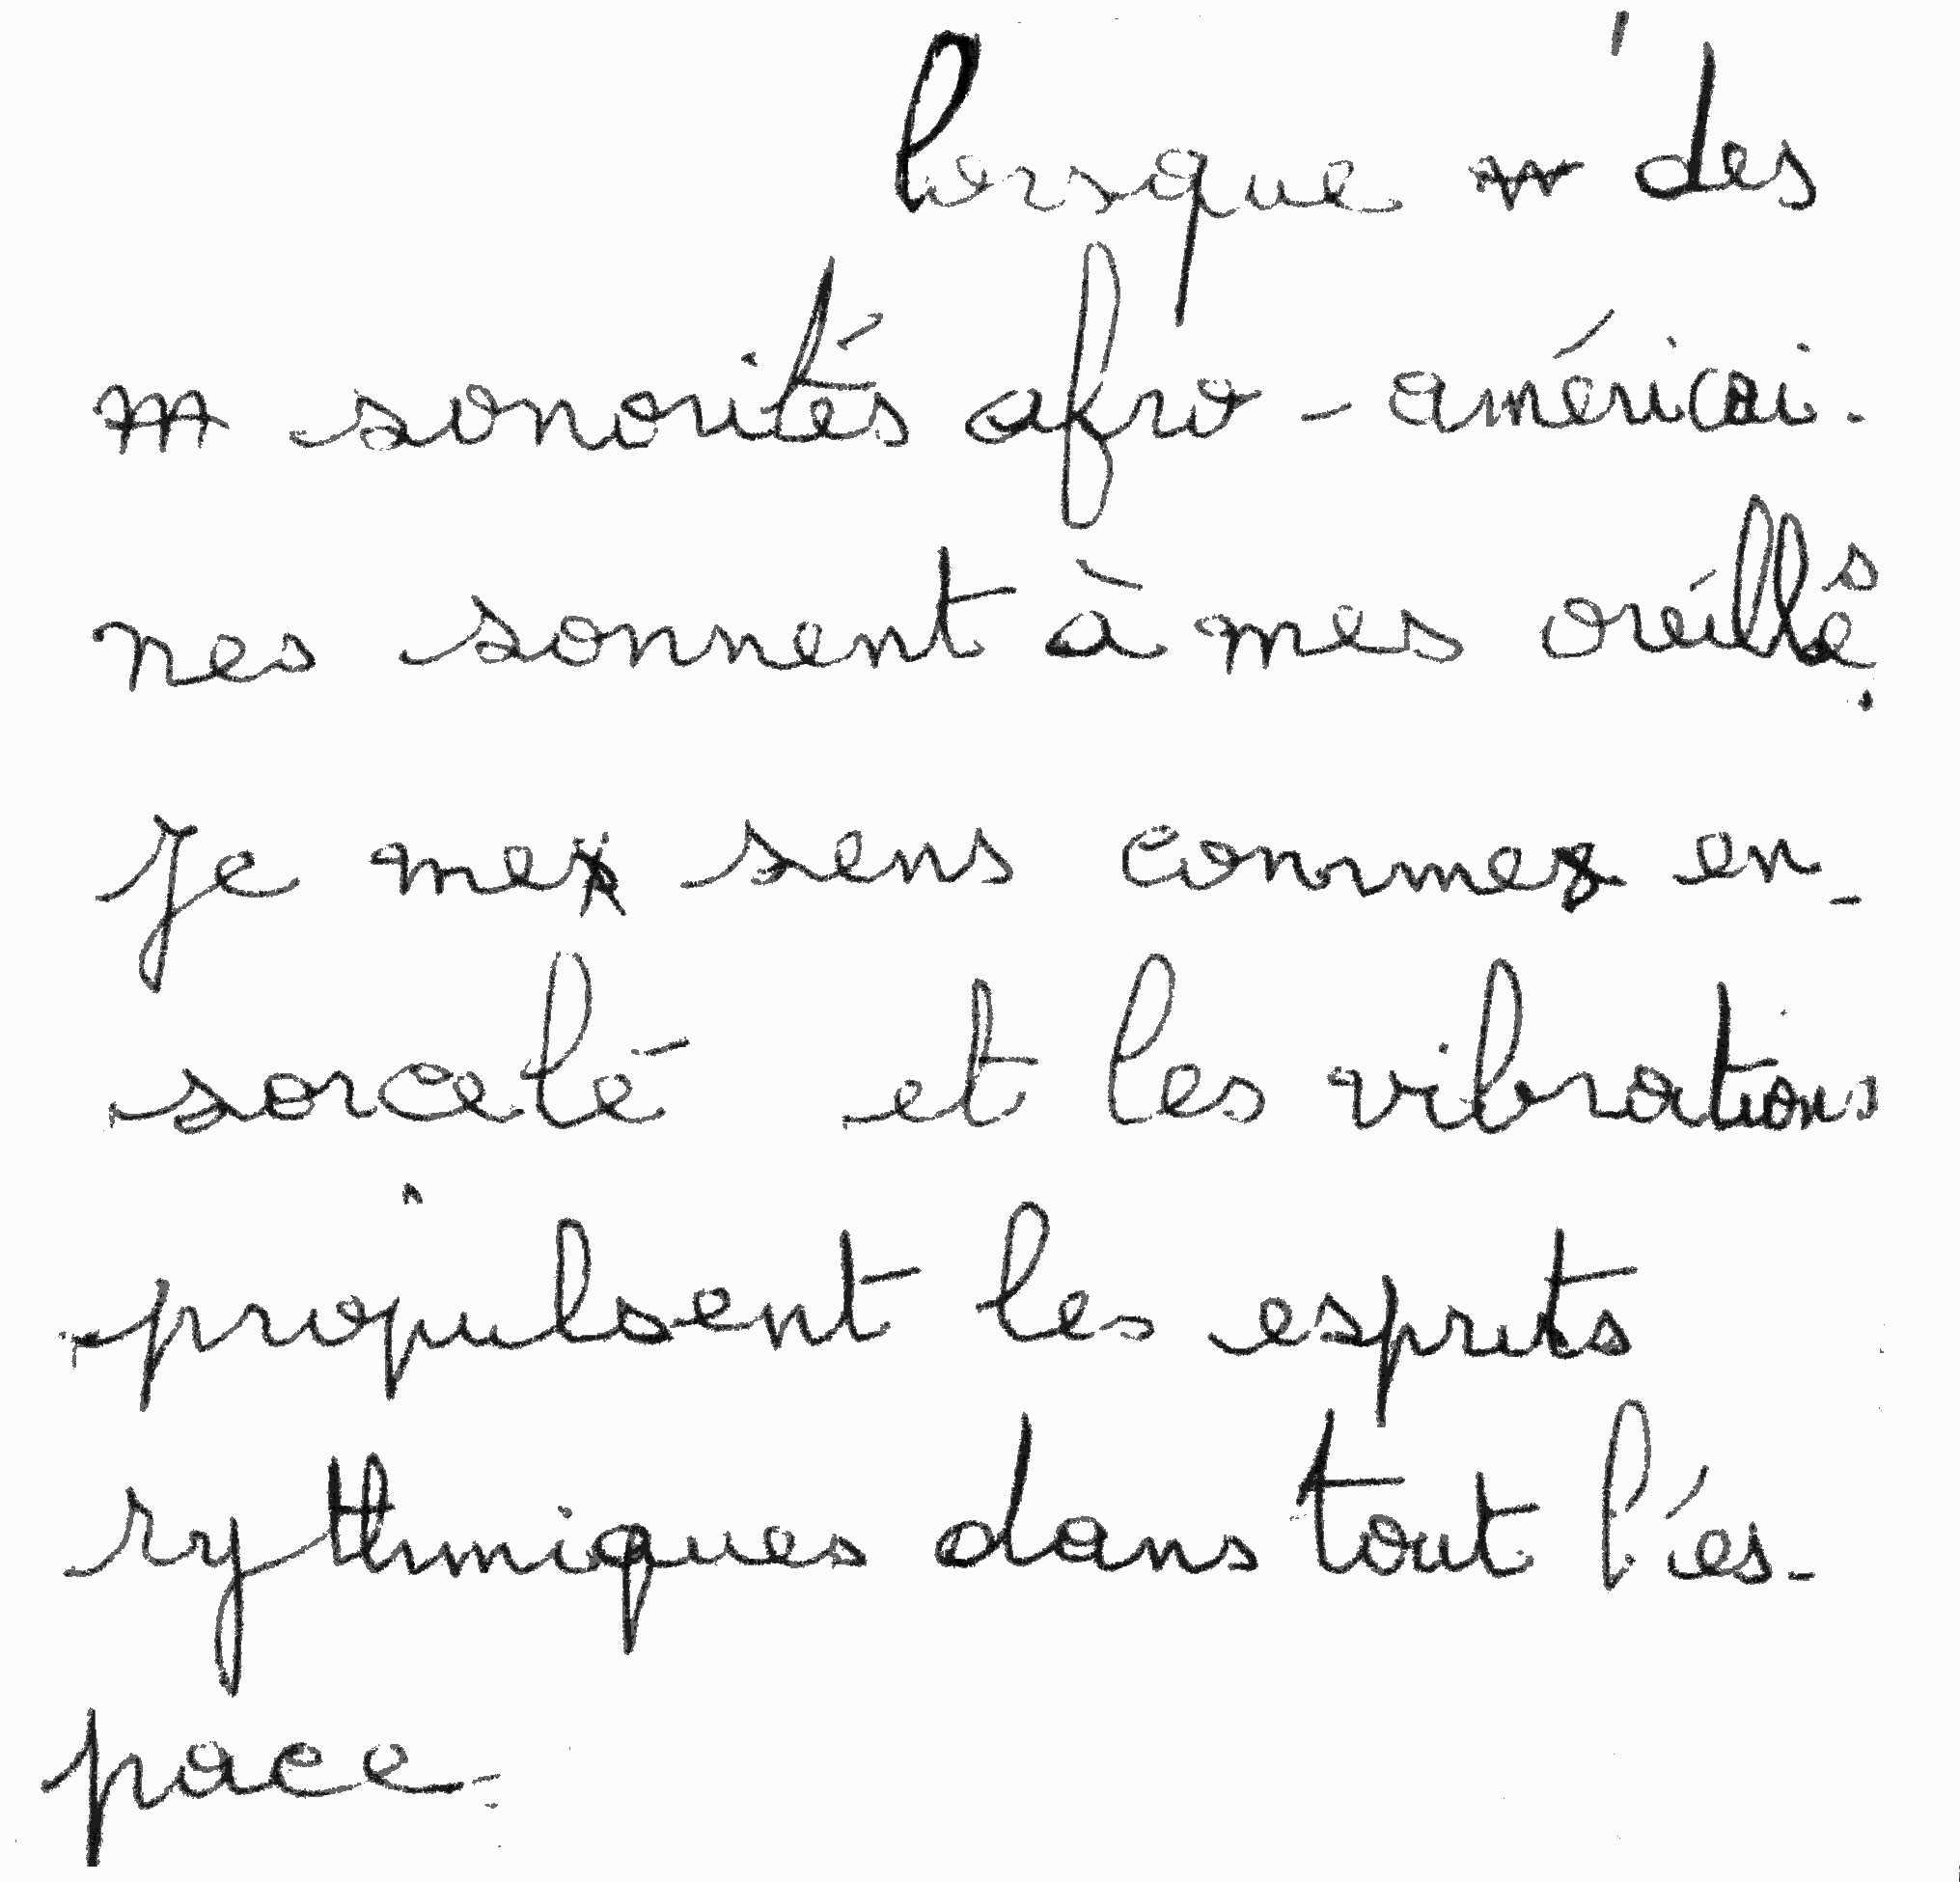 manuscrit du poème 2840